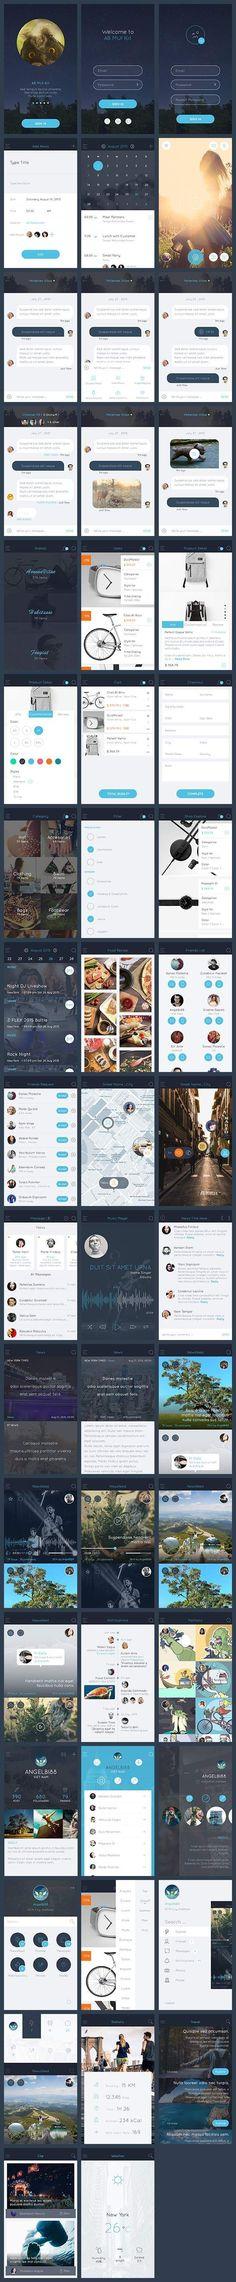 app, app design, bundle, ios 8, ios 9, iphone 6, minimalist, mobile, quality, ui, ui design, ui kit, ux #UX / #UI #Design